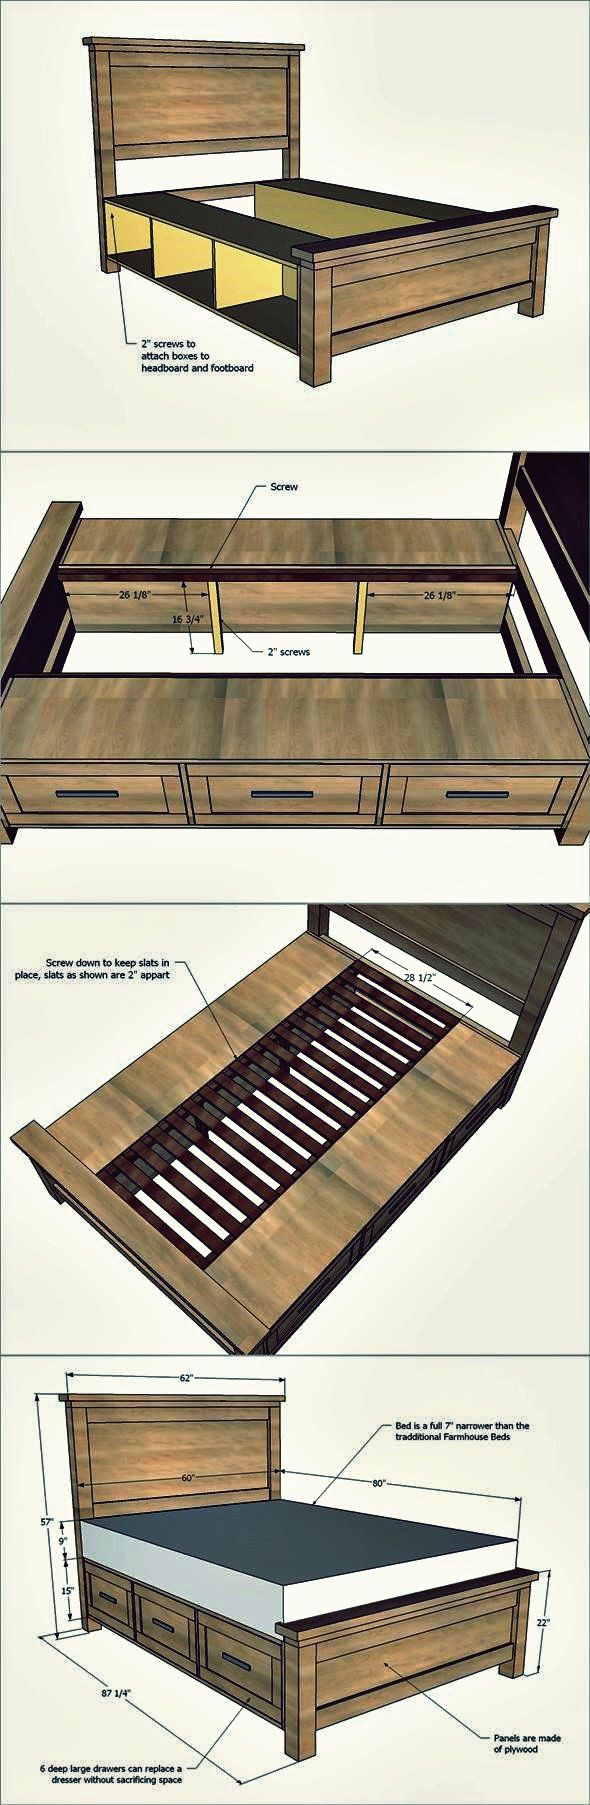 Kreative Ideen – wie man ein Bauernhaus-Speicherbett mit Fächern errichtet